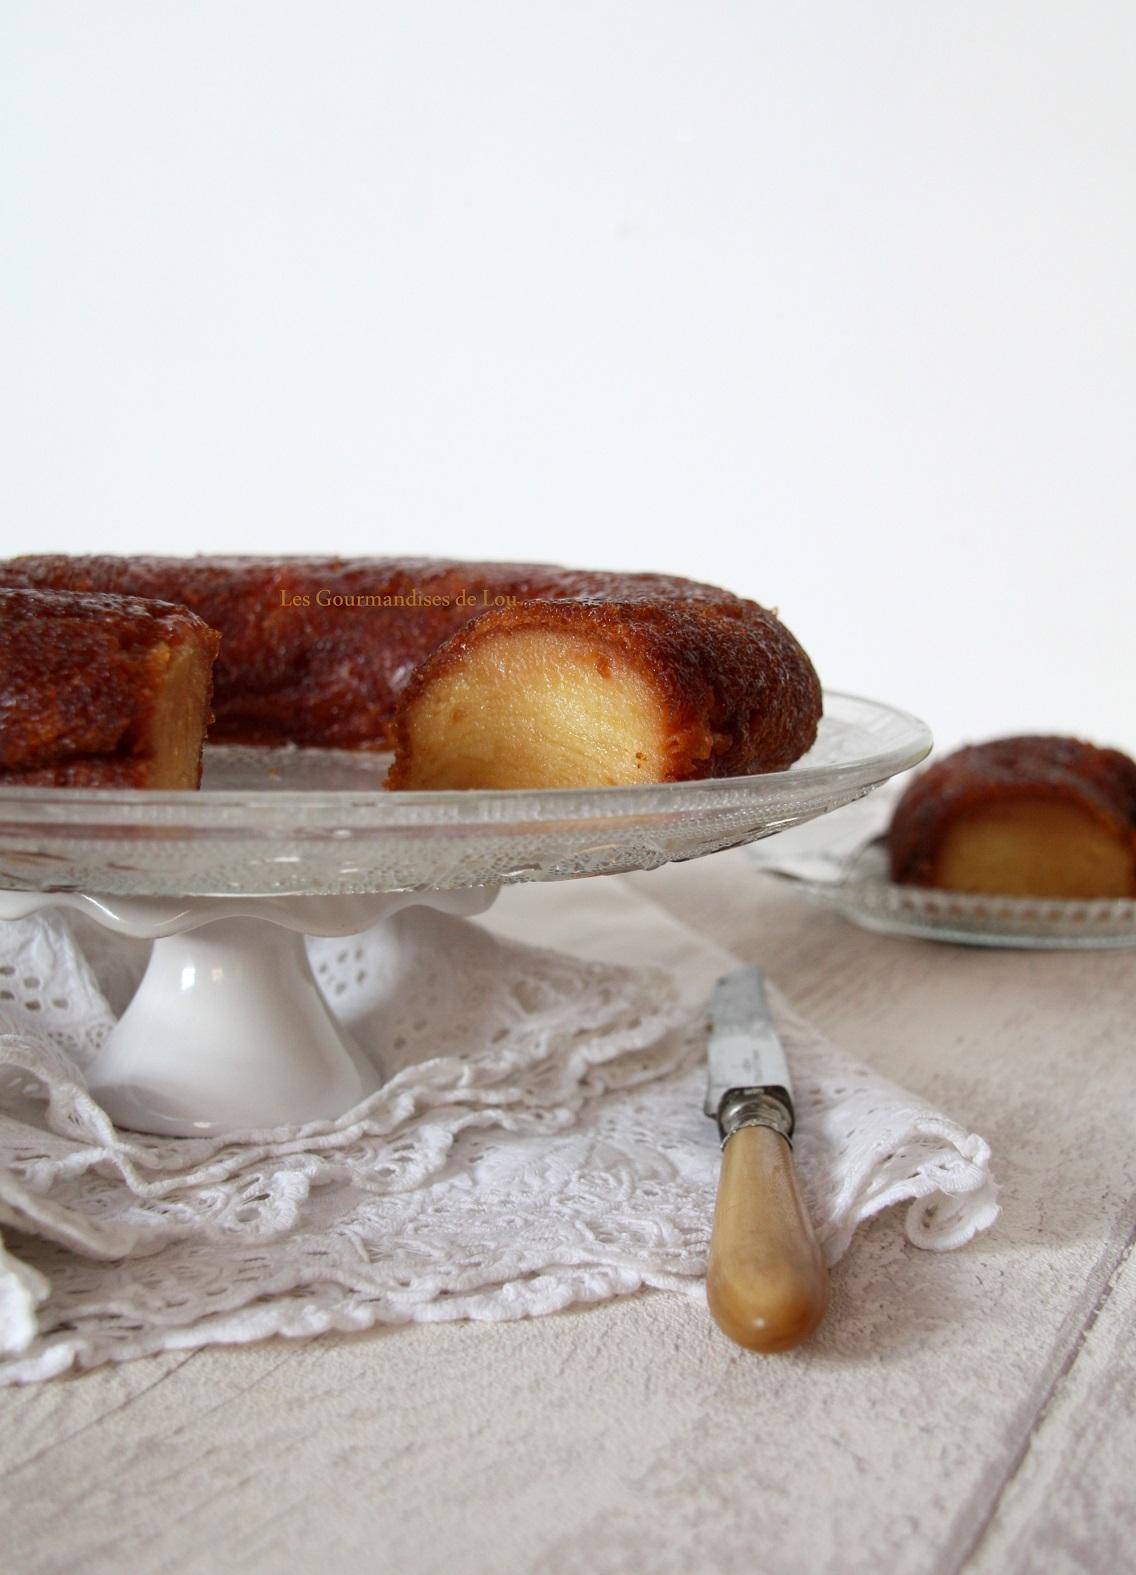 fondant-aux-pommes-et-beurre-sale